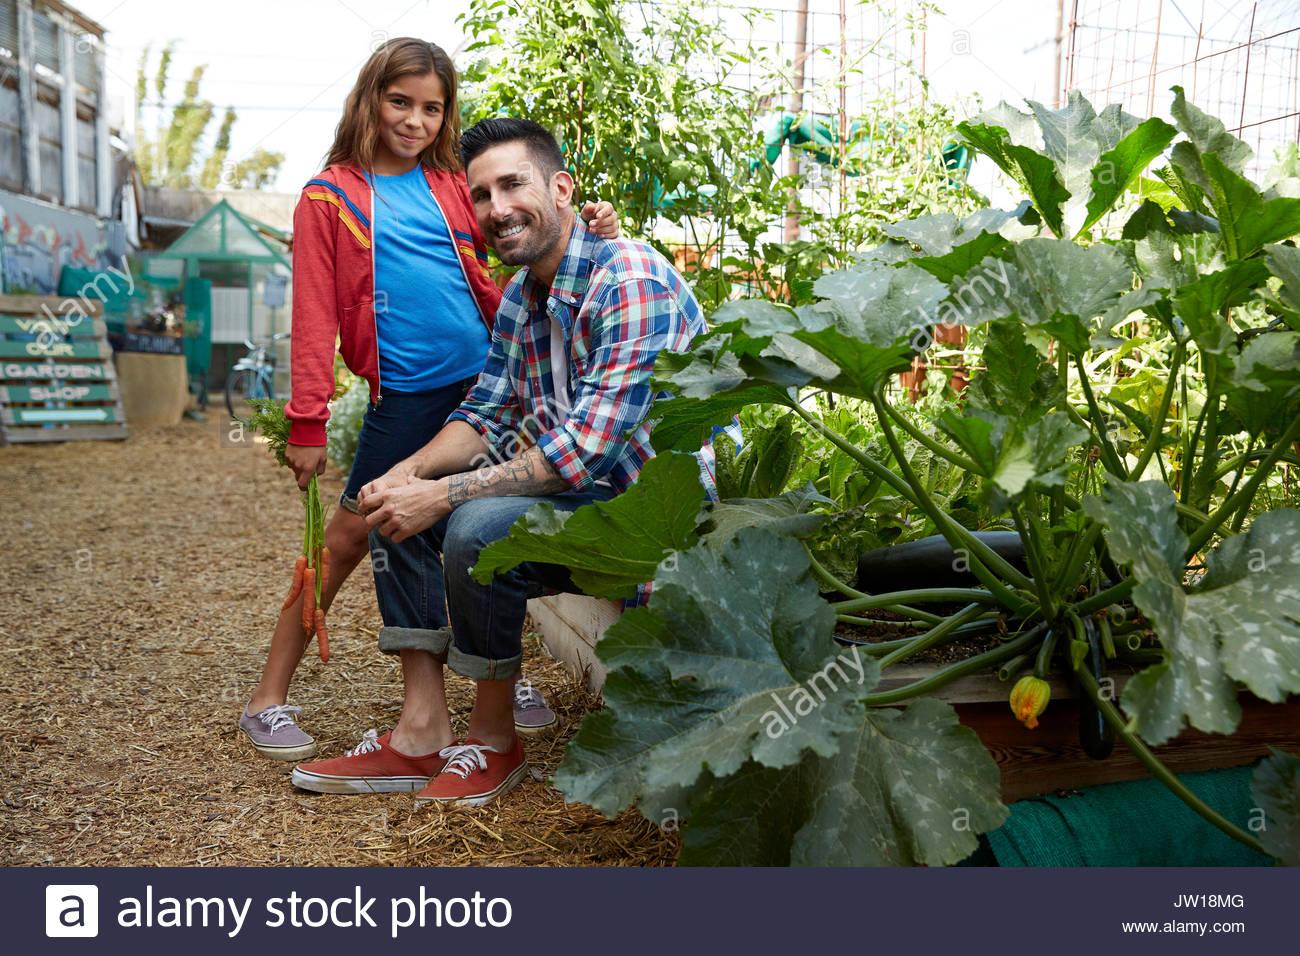 Retrato sonriente padre e hija en el jardín Imagen De Stock